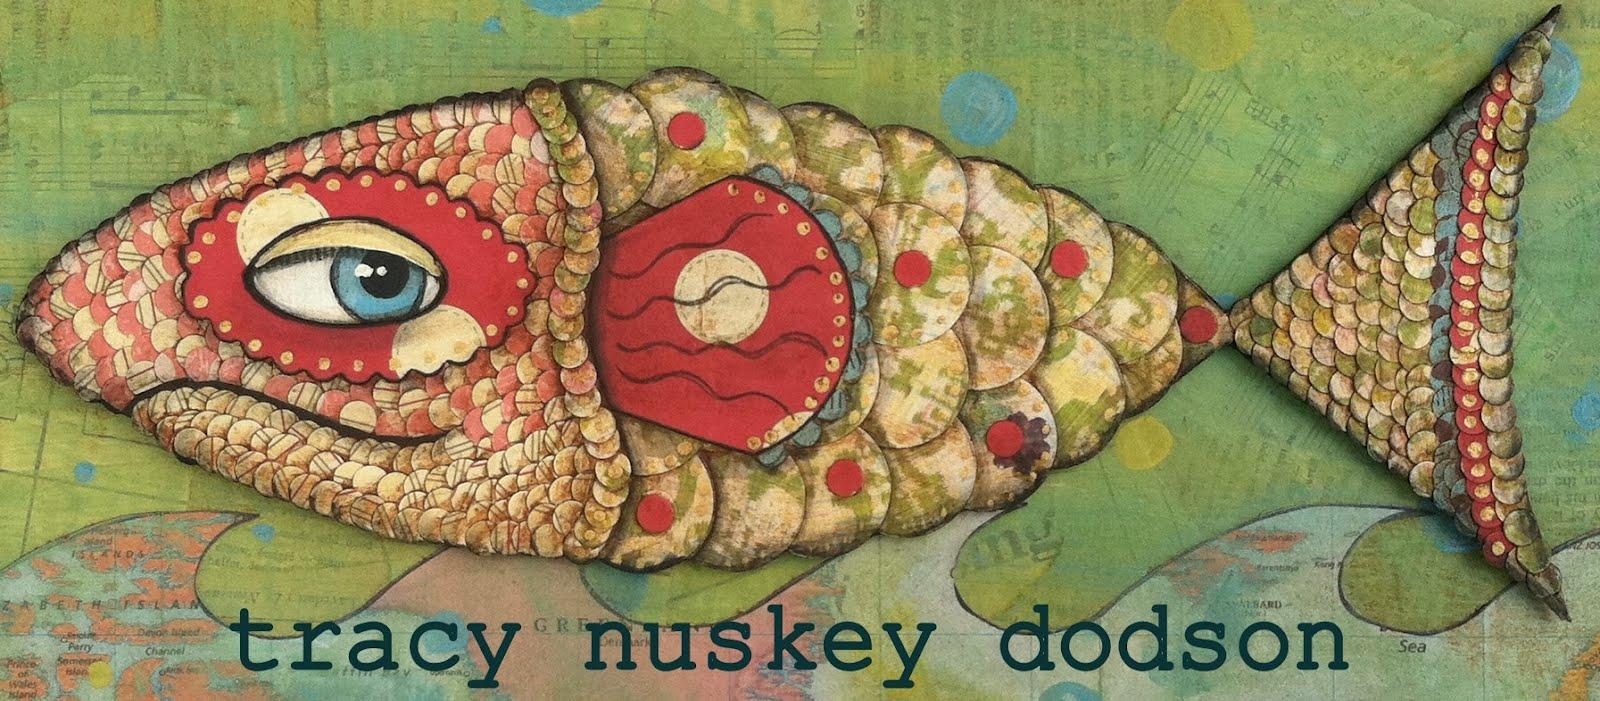 Tracy Nuskey Dodson